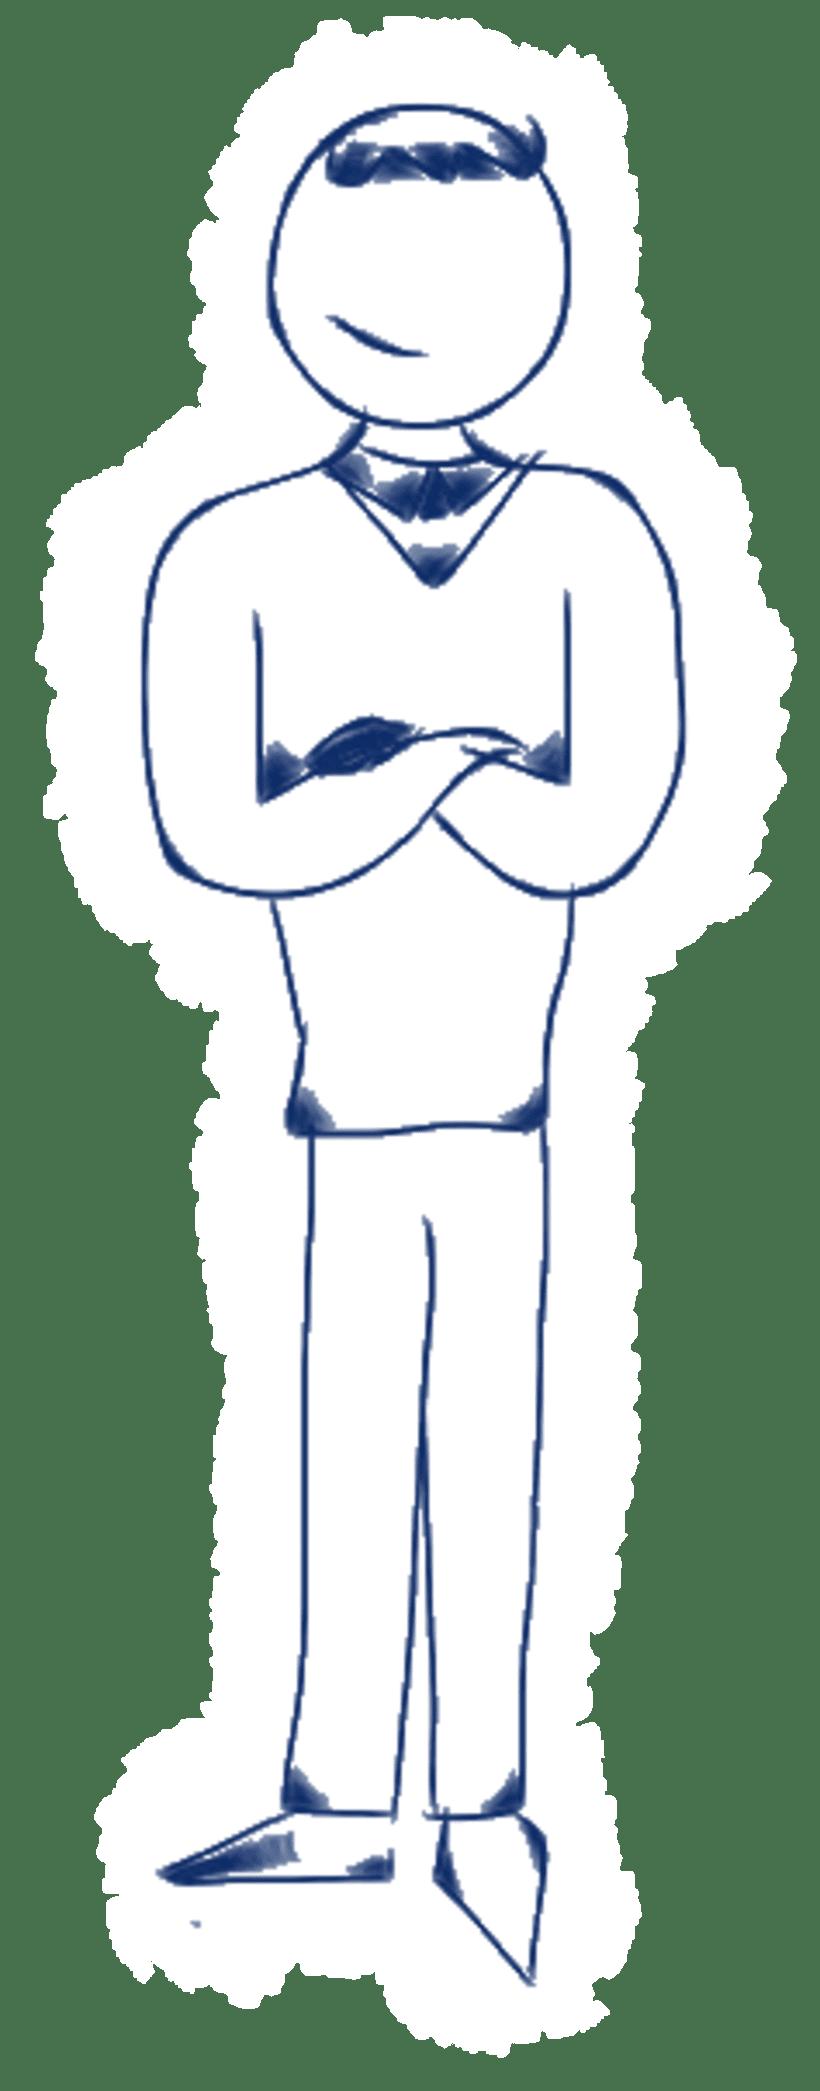 EDITORIAL/ILUSTRACIÓN - Sketch de propuesta para libreto (proyecto gráfico, maquetación y ilustración) 3